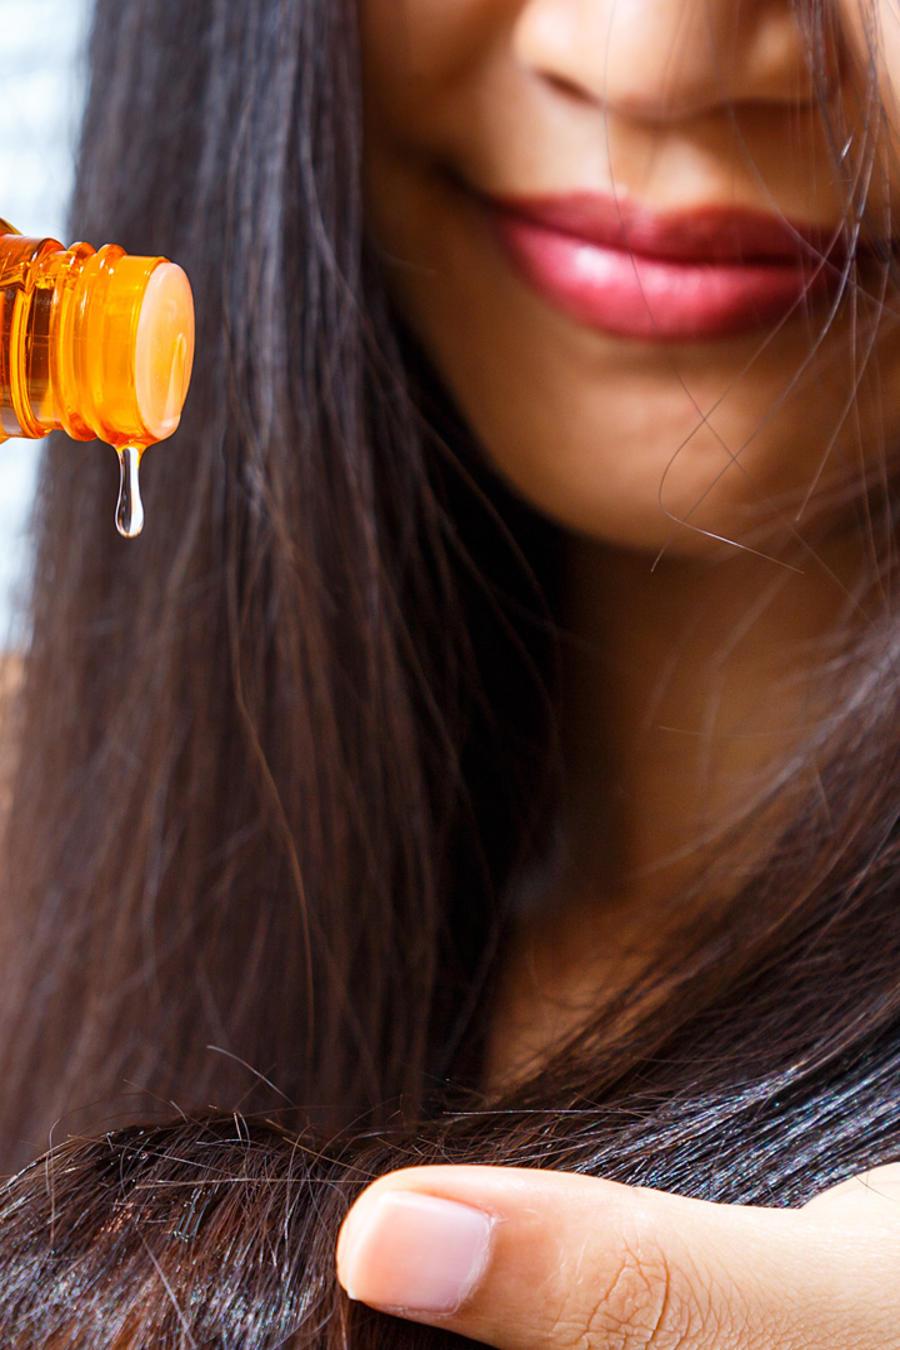 Chica poniendo aceite en su cabello